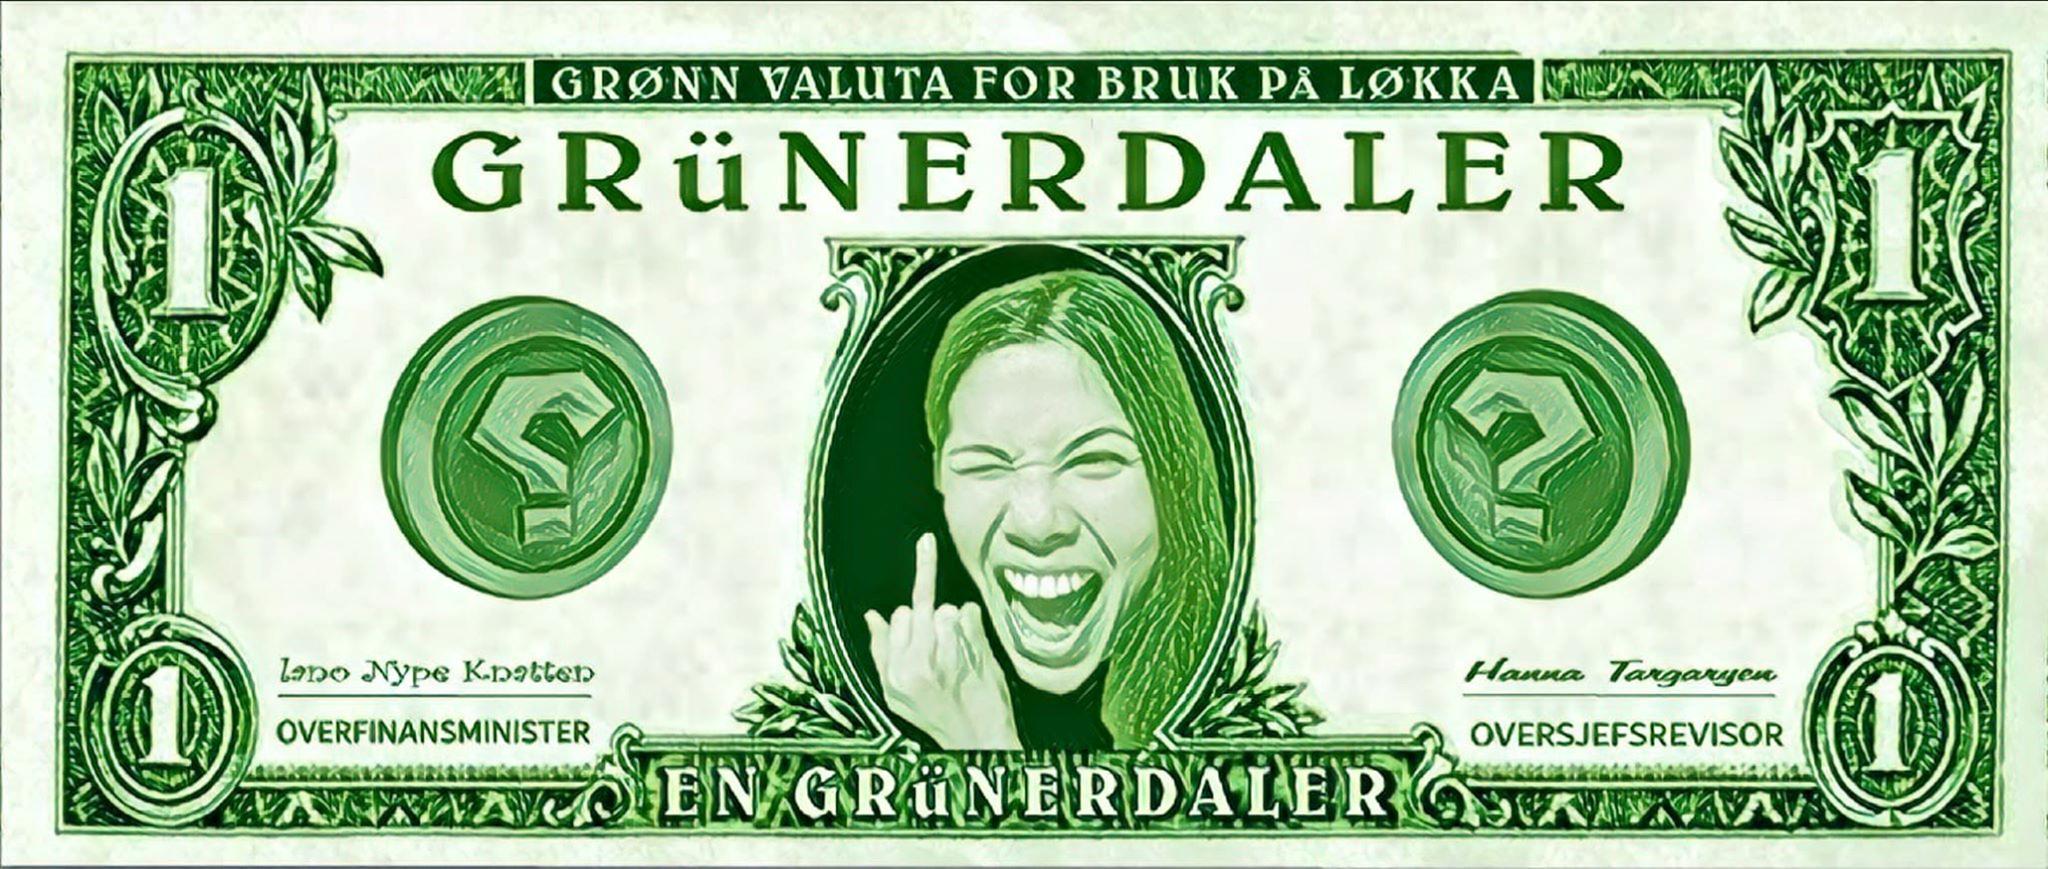 Byråd Lan Marie Berg ønsker seg lokal valuta på Løkka. Om den overlever MDGs grønne kommunistiske økonomiske politikk vet ikke MDG selv engang?